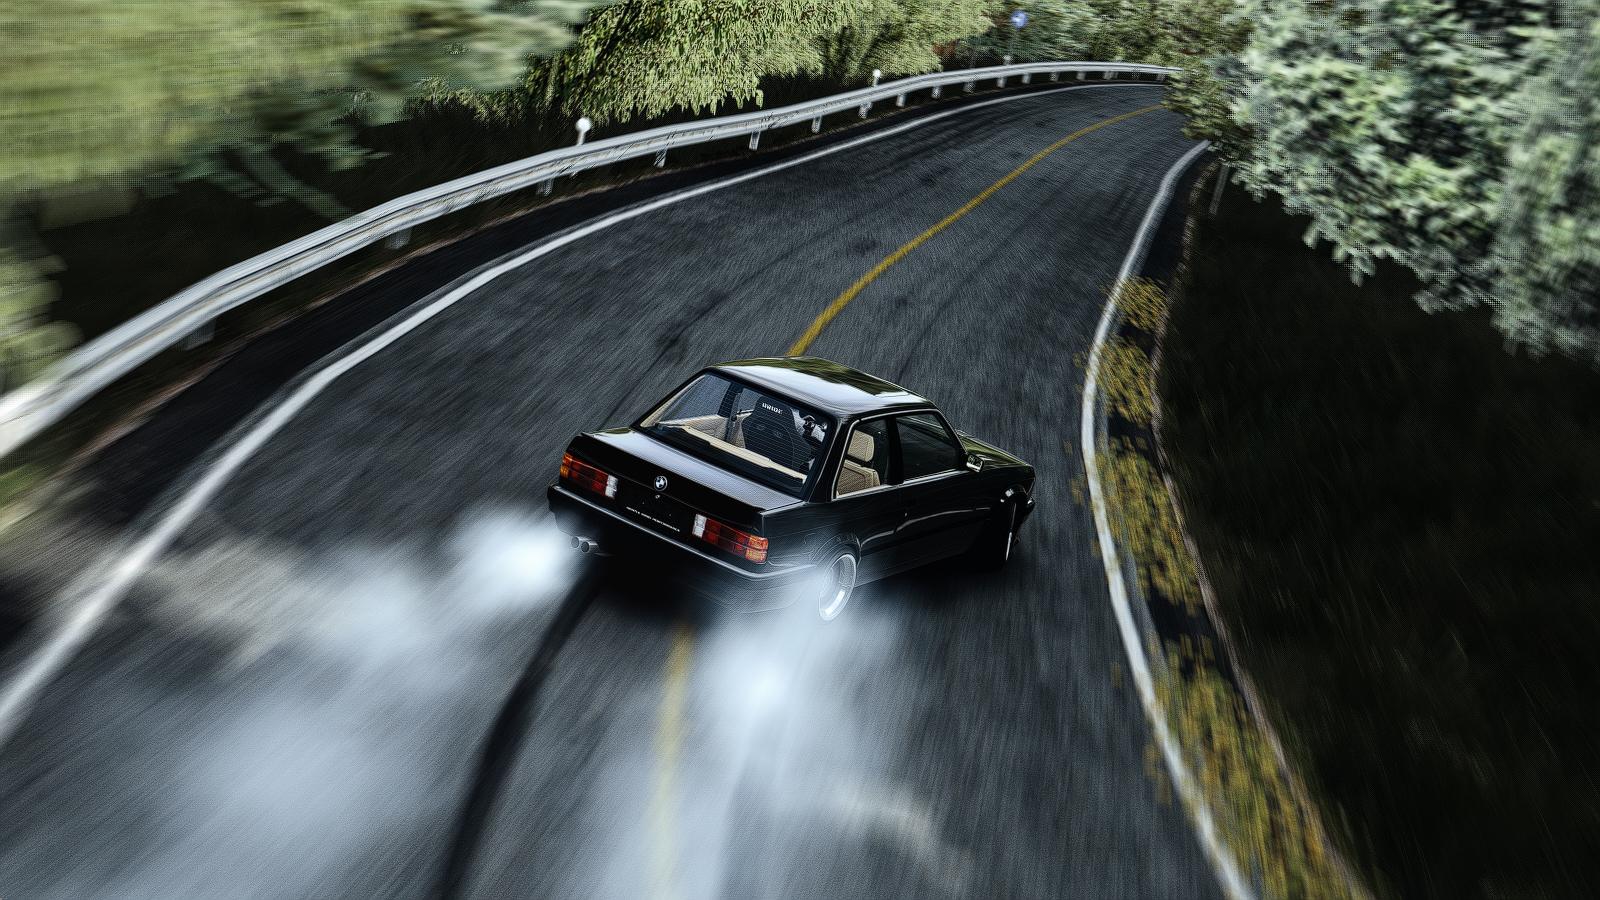 Bmw E30 M3 BMW E30 Drift Assetto Corsa BMW Wallpaper ...